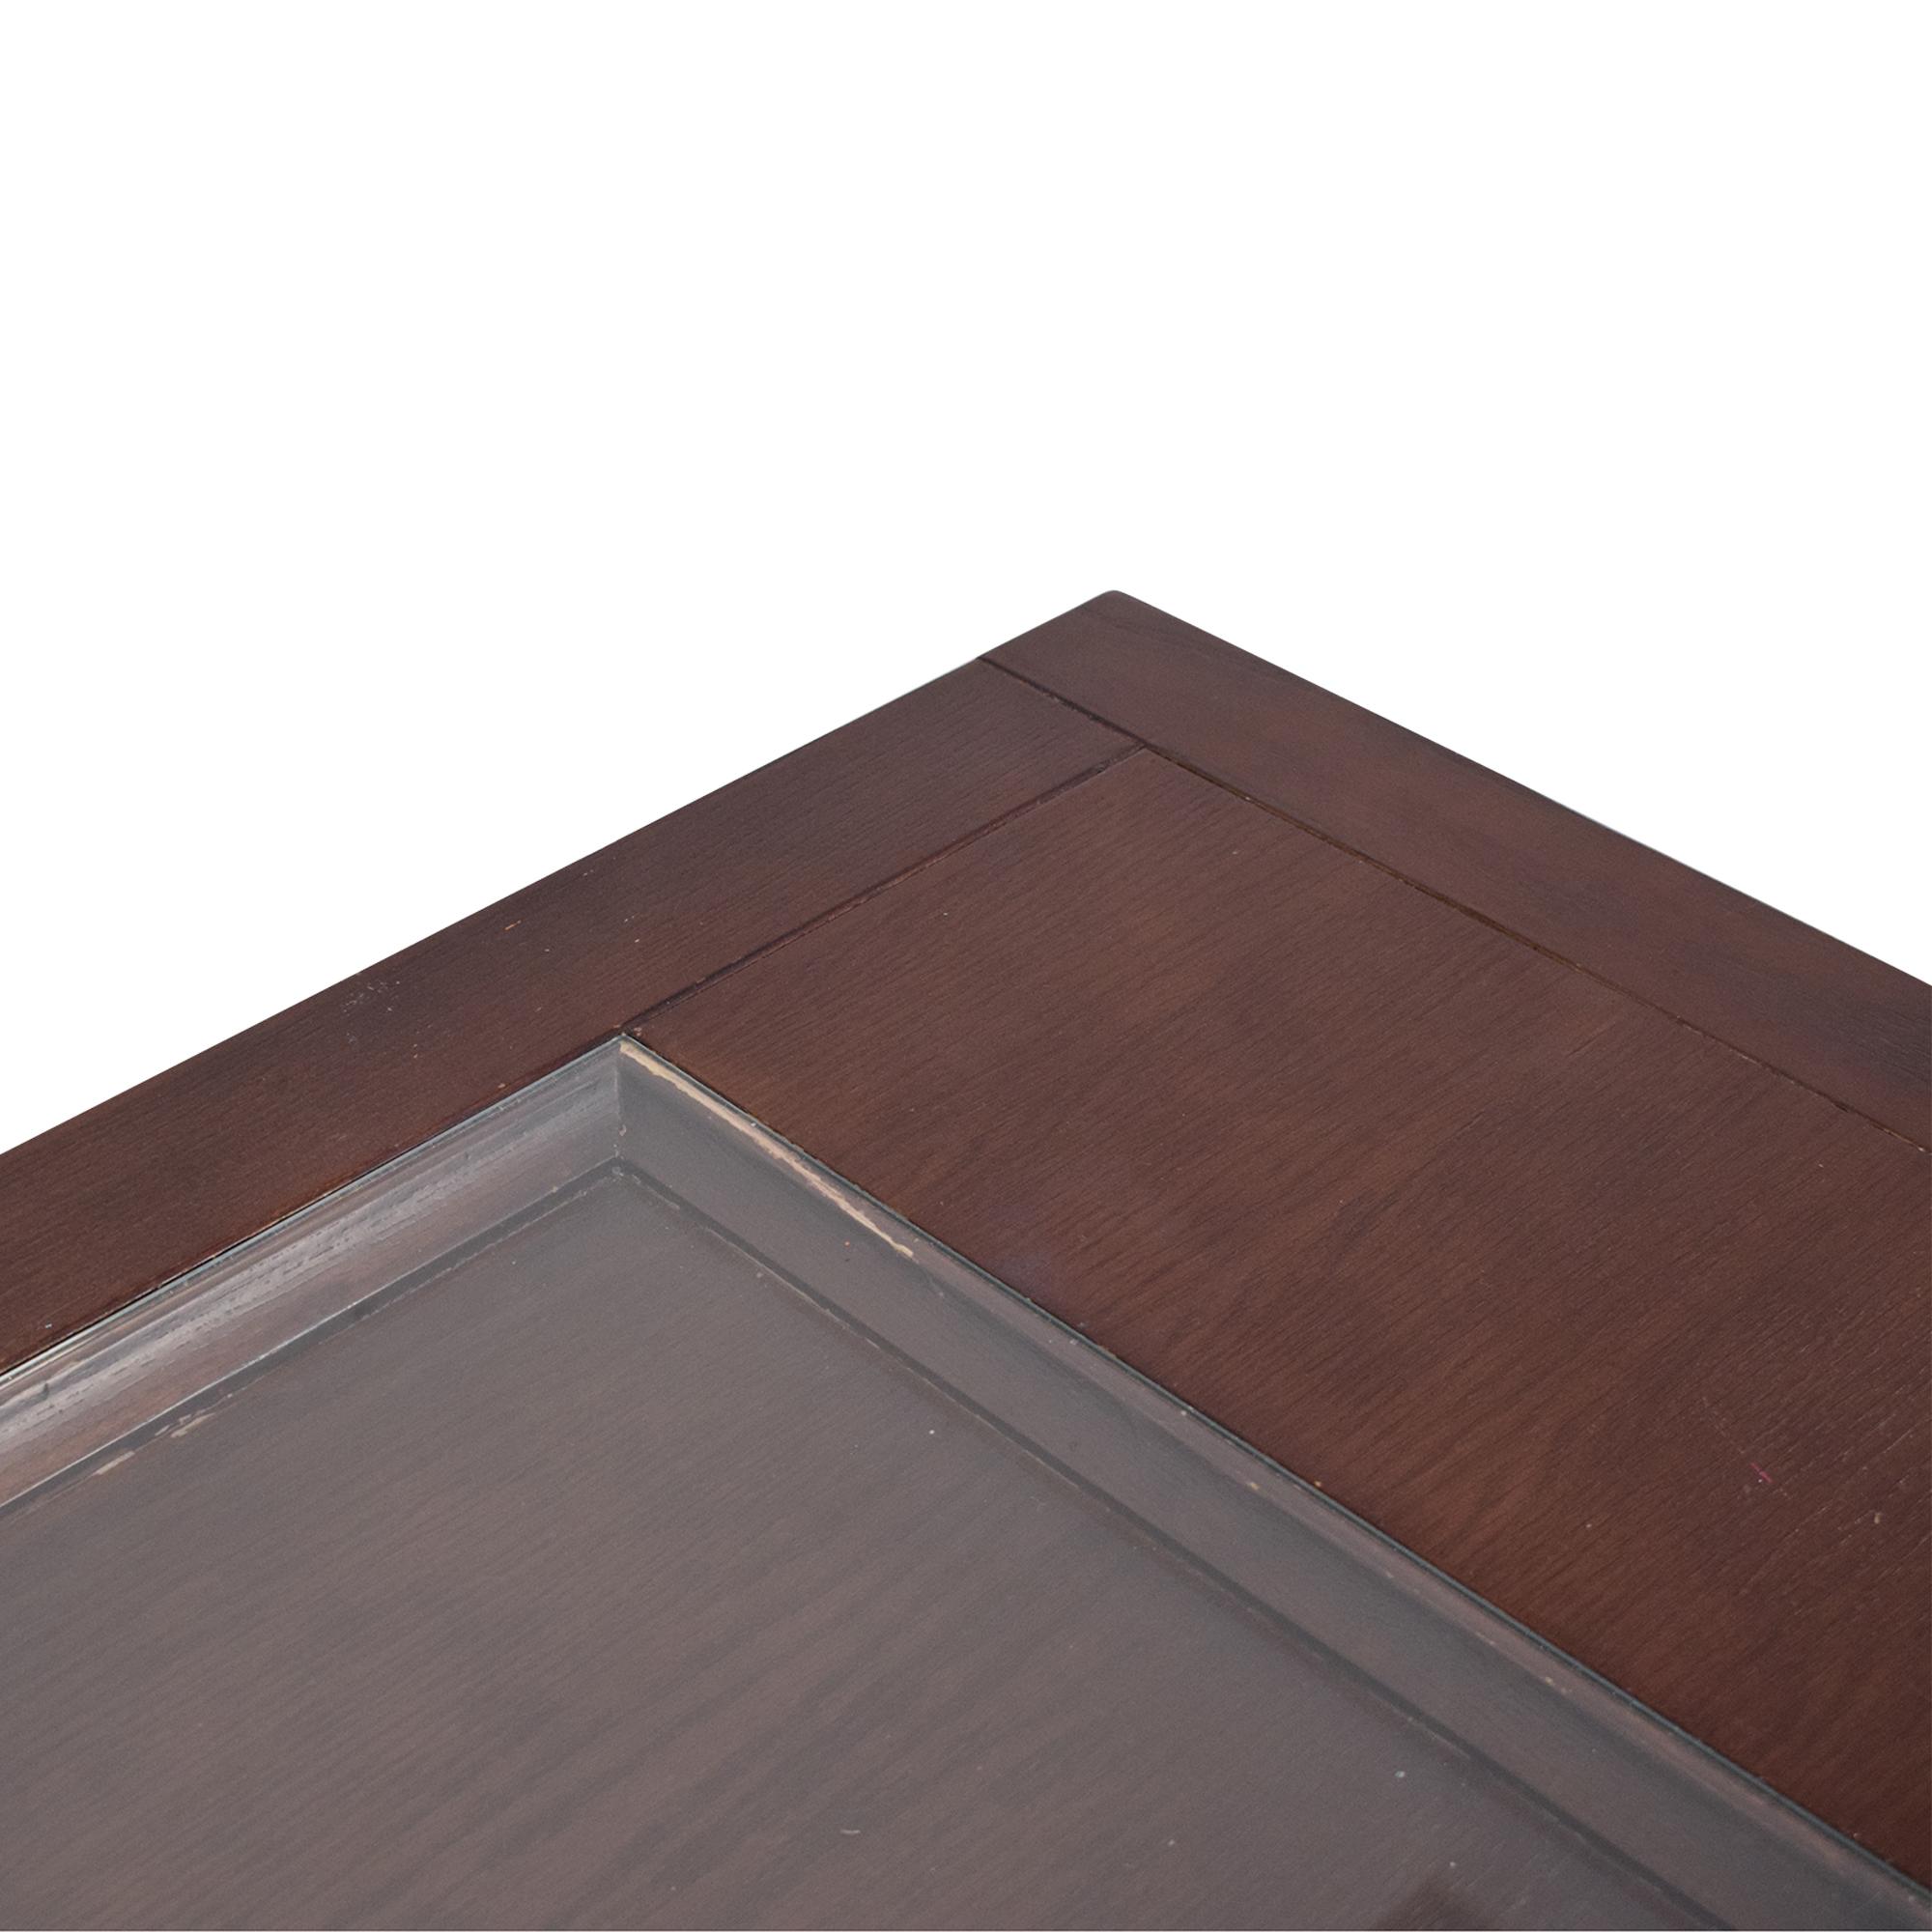 Natart Juvenile Changing Table Dresser / Storage